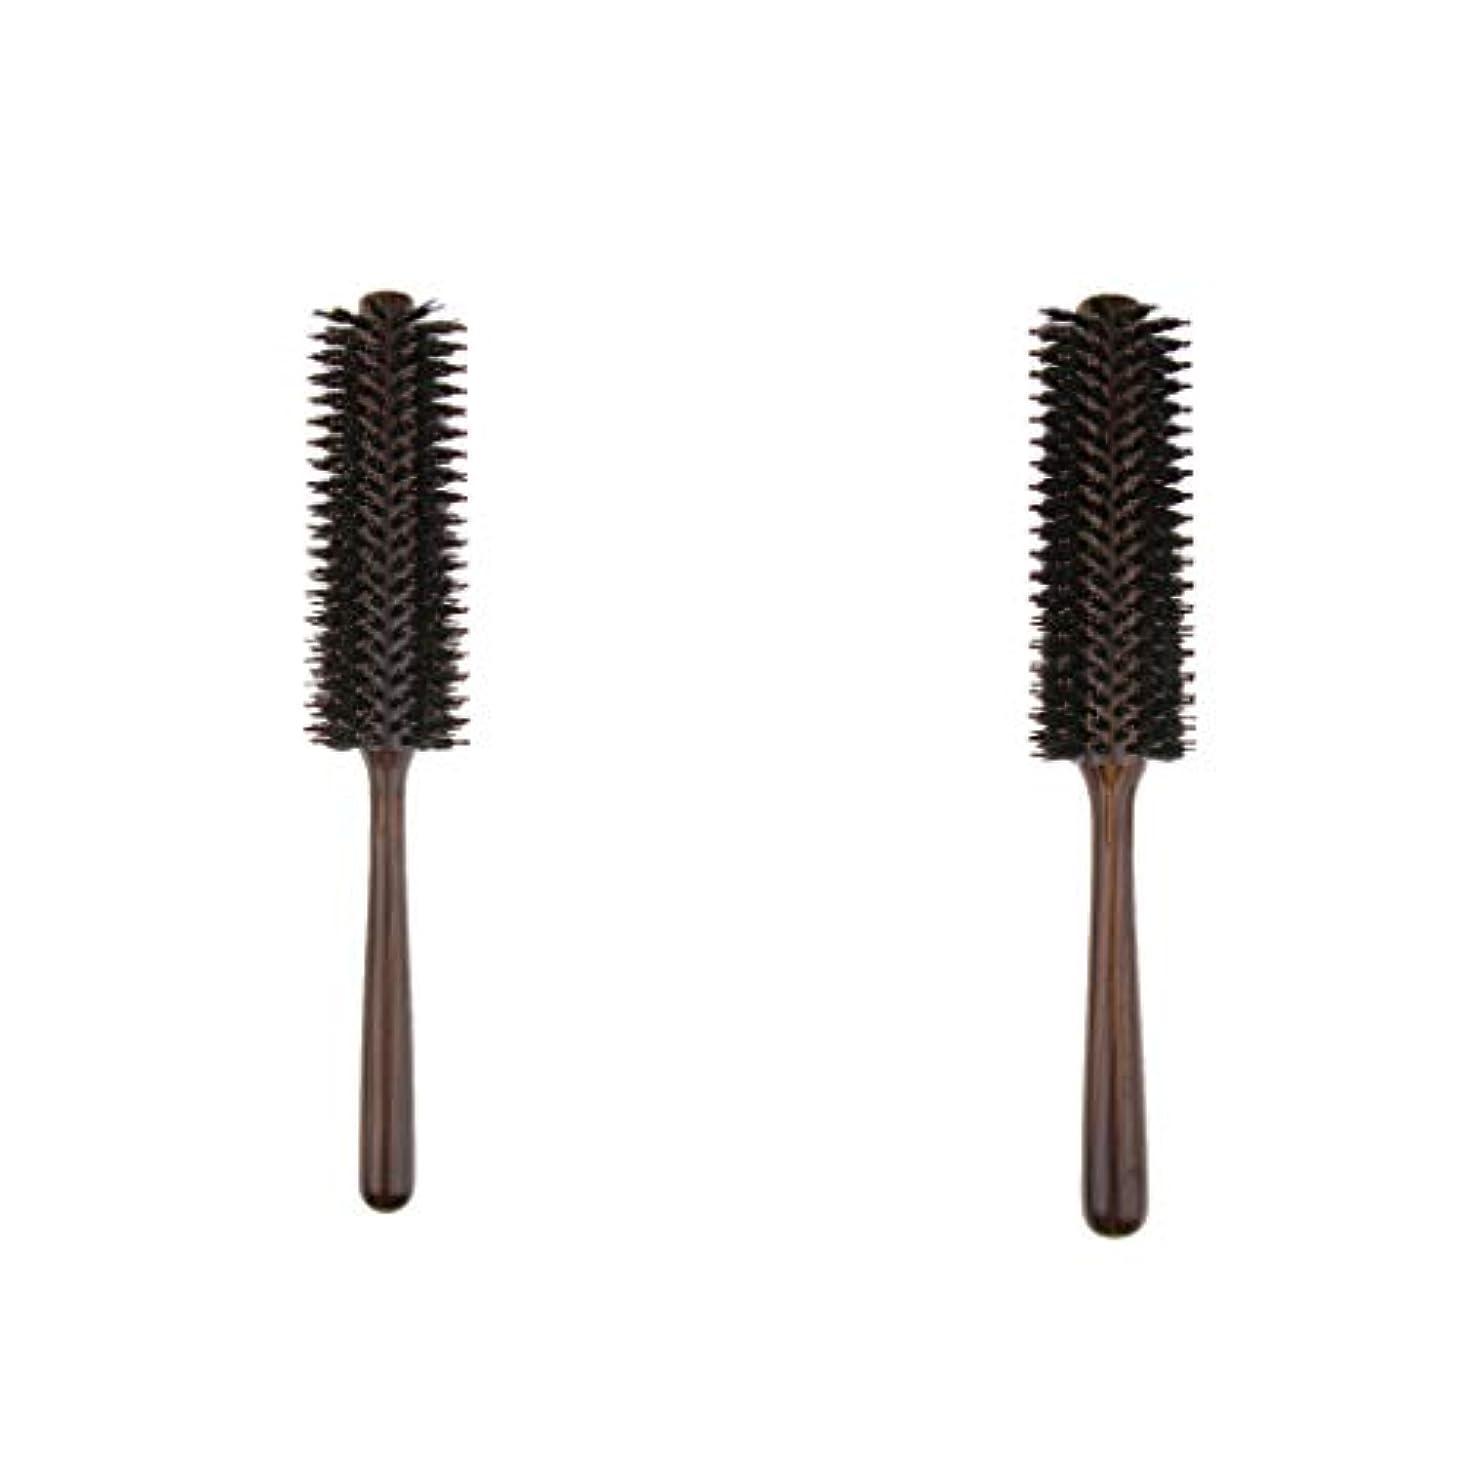 着実に無駄爪B Blesiya 2本 ヘアブラシ 木製櫛 ロールブラシ プロ 美容師用 自宅用